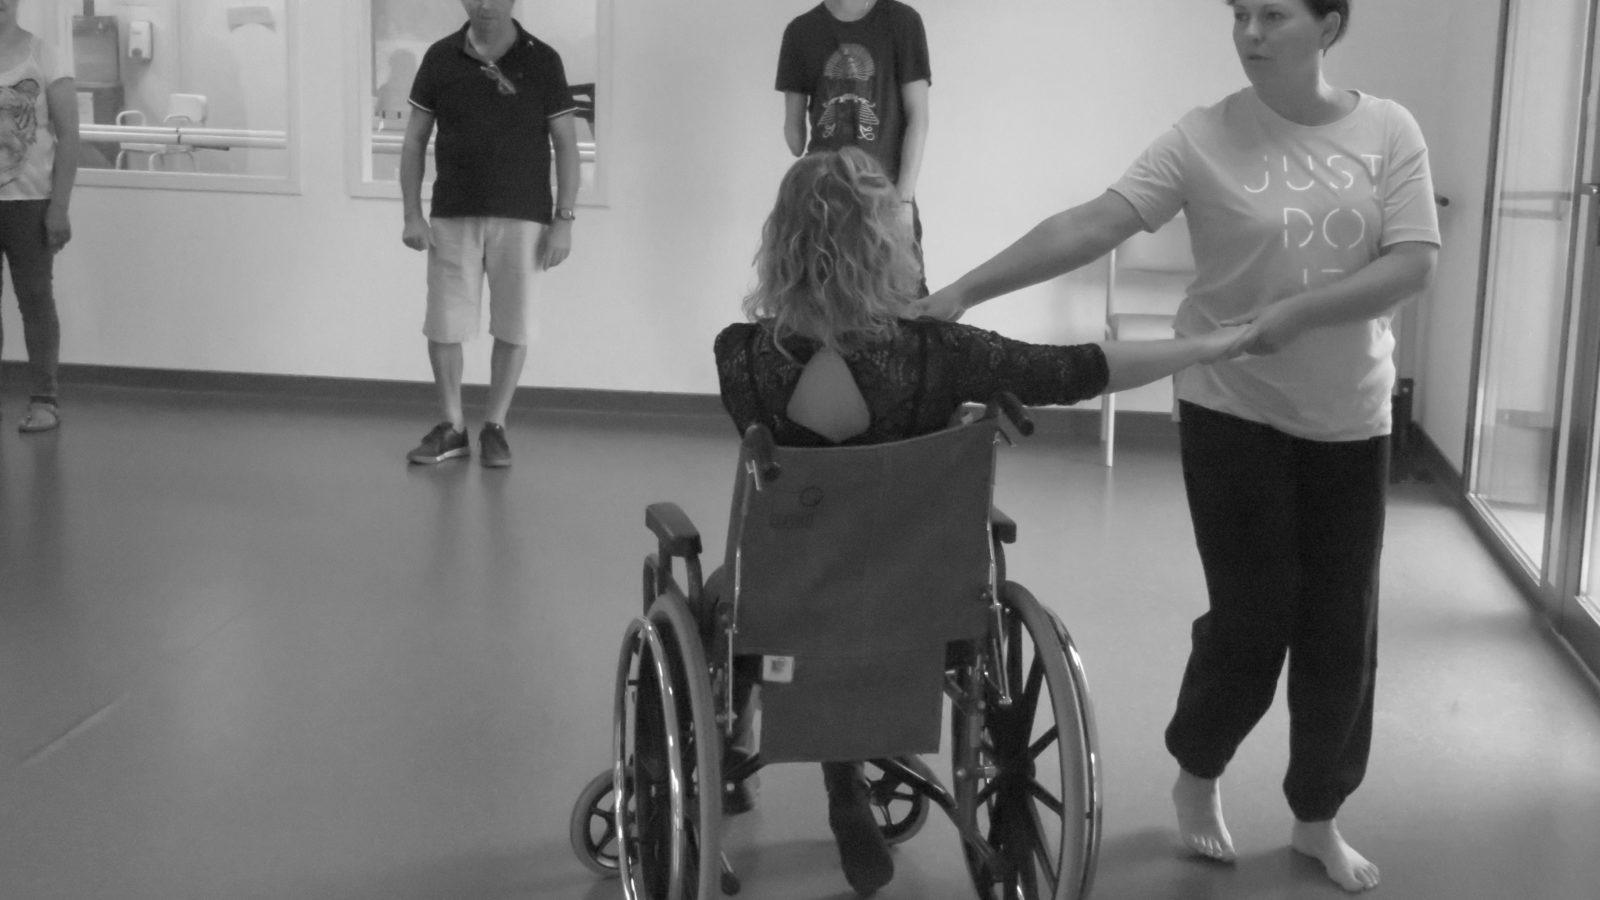 Deux femmes, dont une en fauteuil roulant, qui dansent.